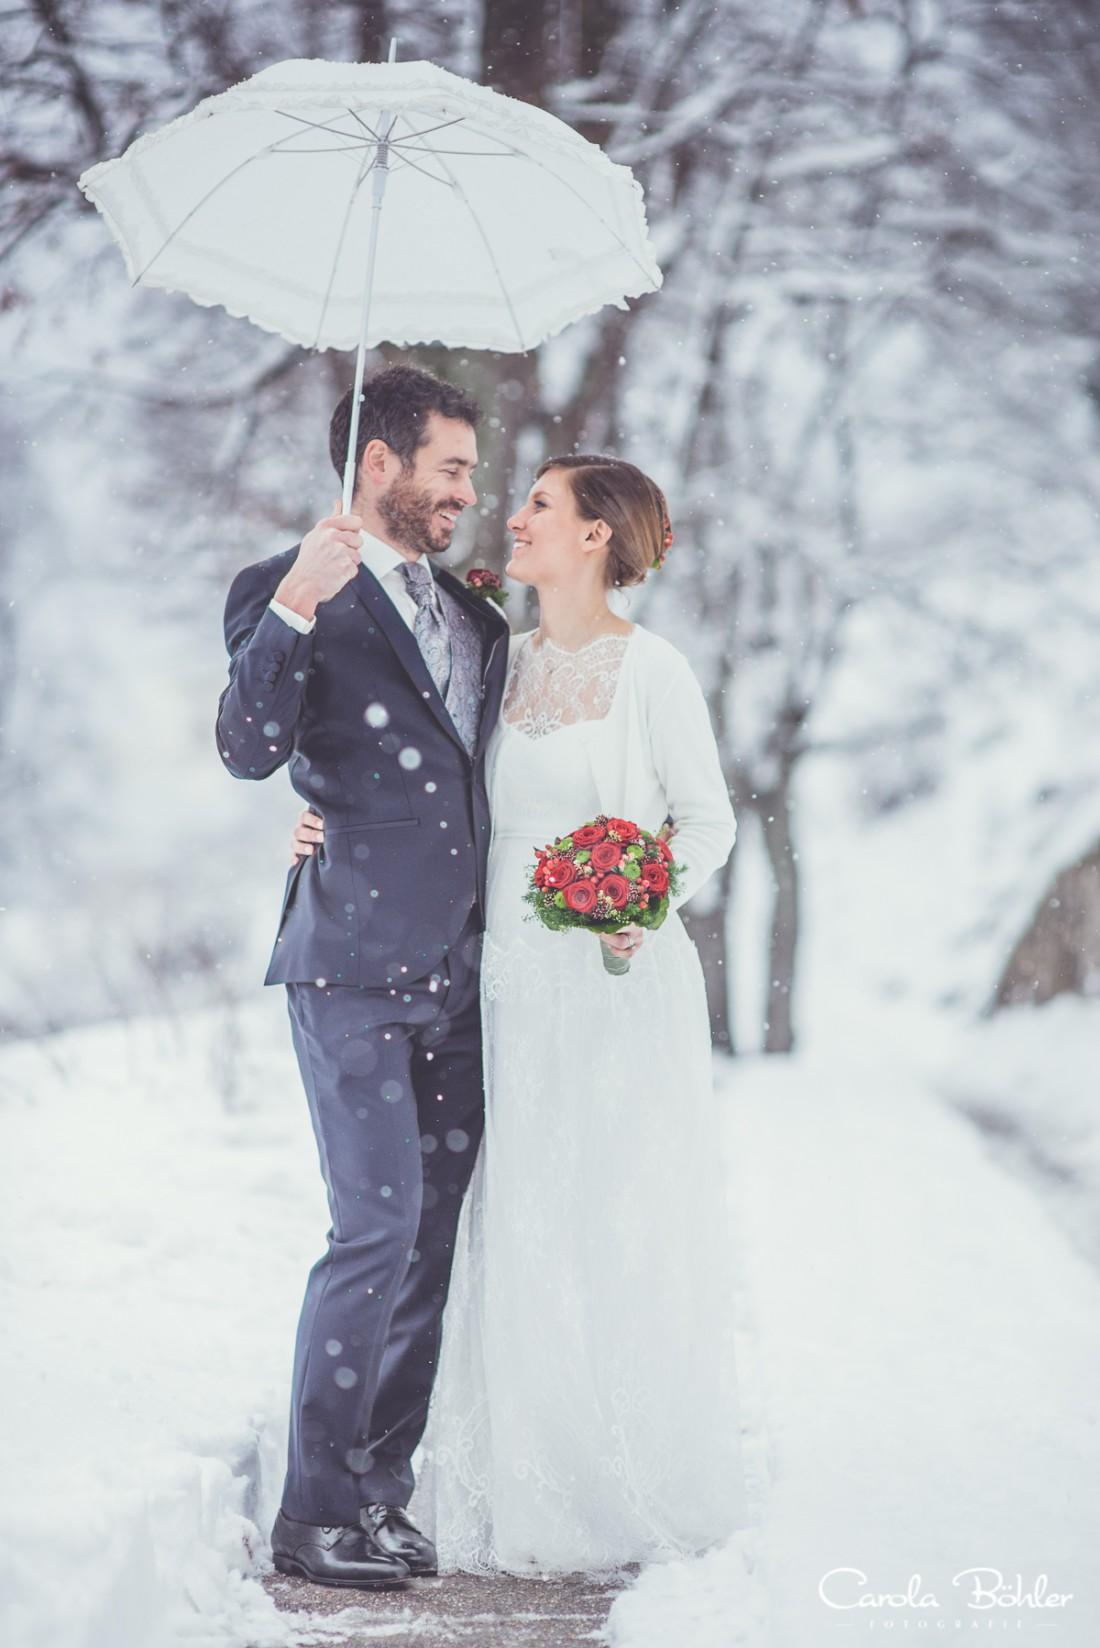 Carola Böhler Fotografie | Hochzeit im Schnee – Schloss Eberstein ...